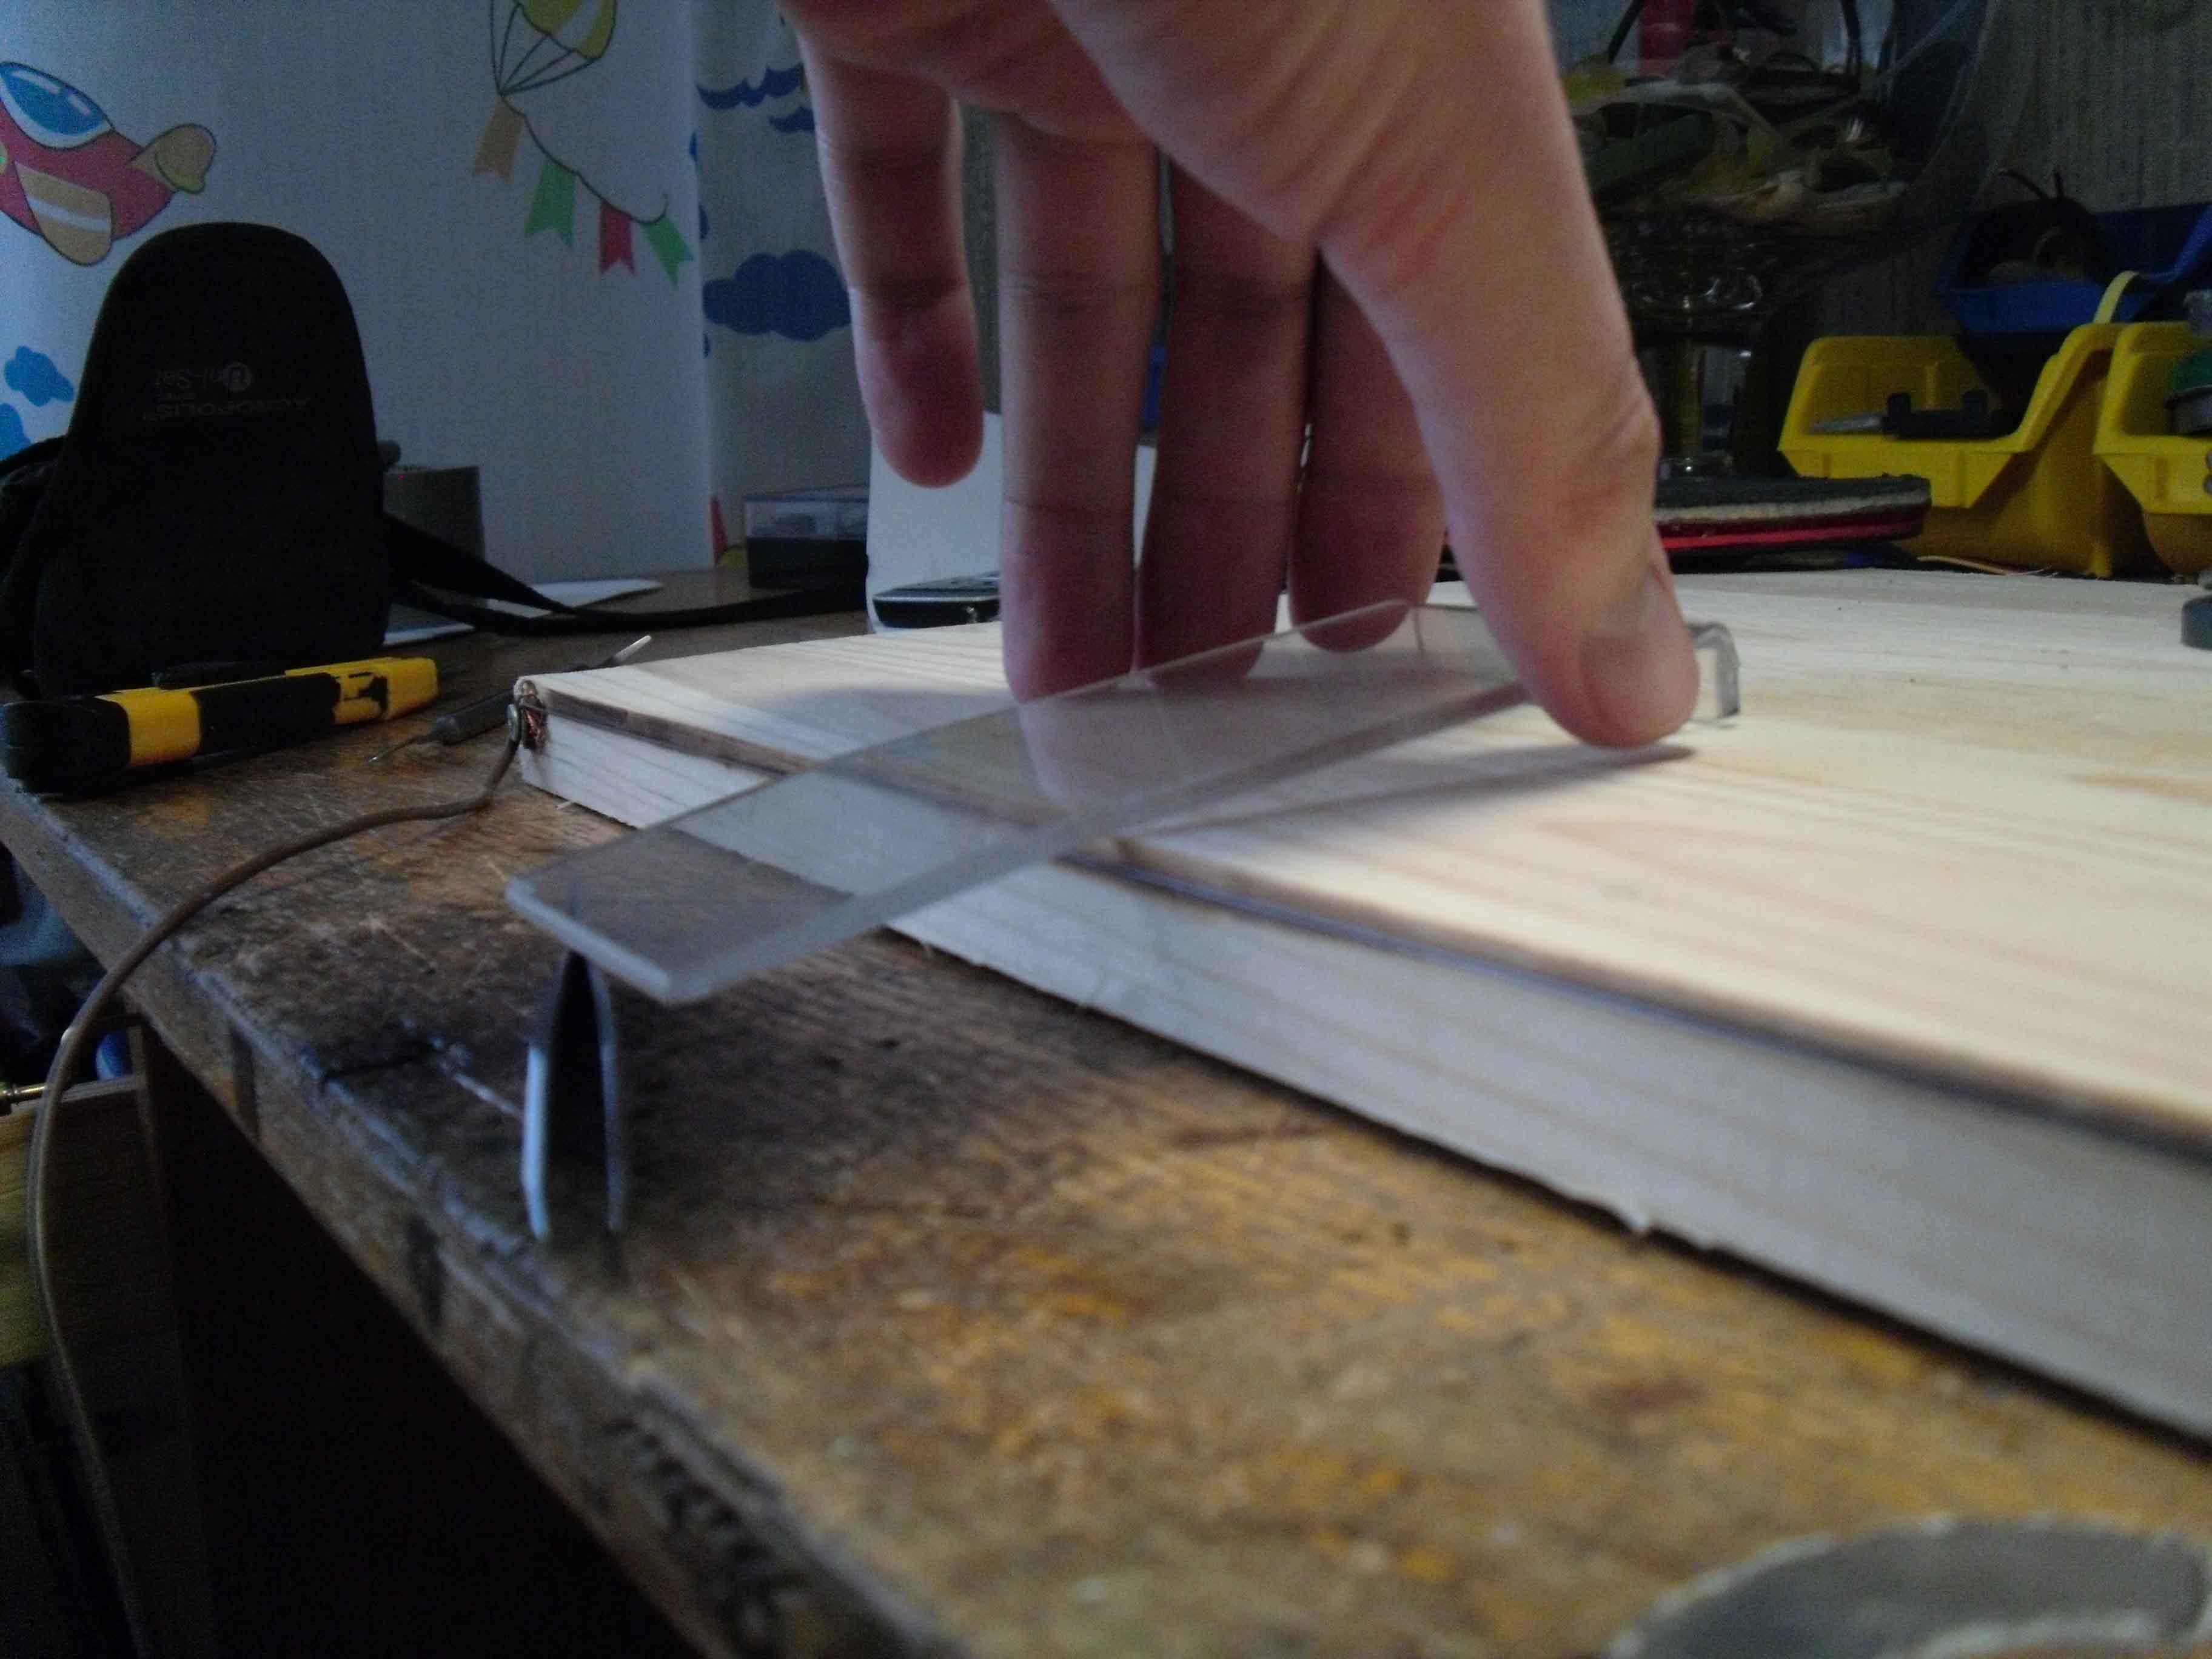 Обработка оргстекла: как сверлить оргстекло в домашних условиях? работа с оргстеклом на чпу. как обработать отверстие в оргстекле?